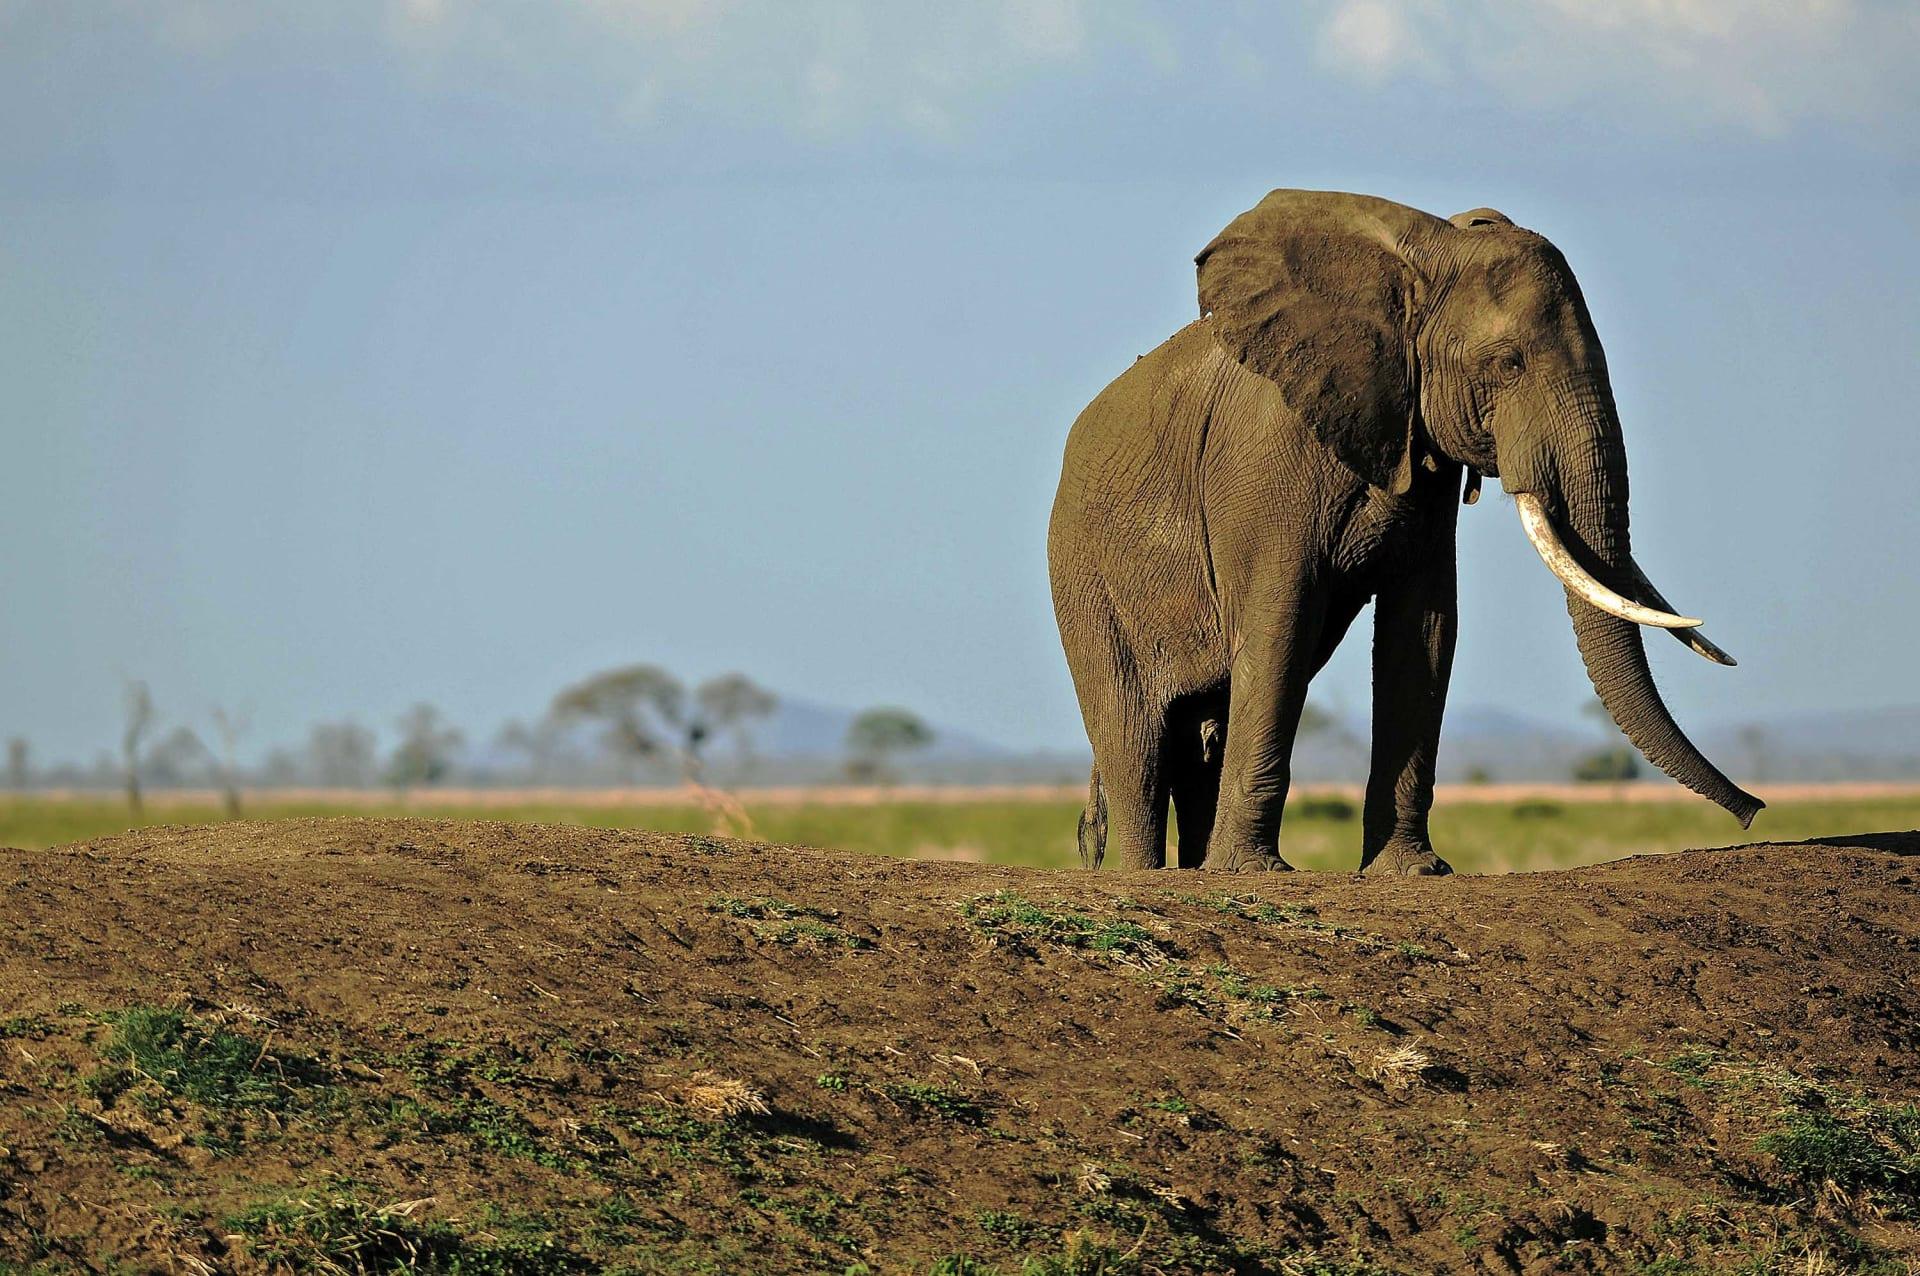 """رغم حظره منذ 12 عاماً.. عاج الفيلة لا يزال يباع على موقع """"إيباي"""""""